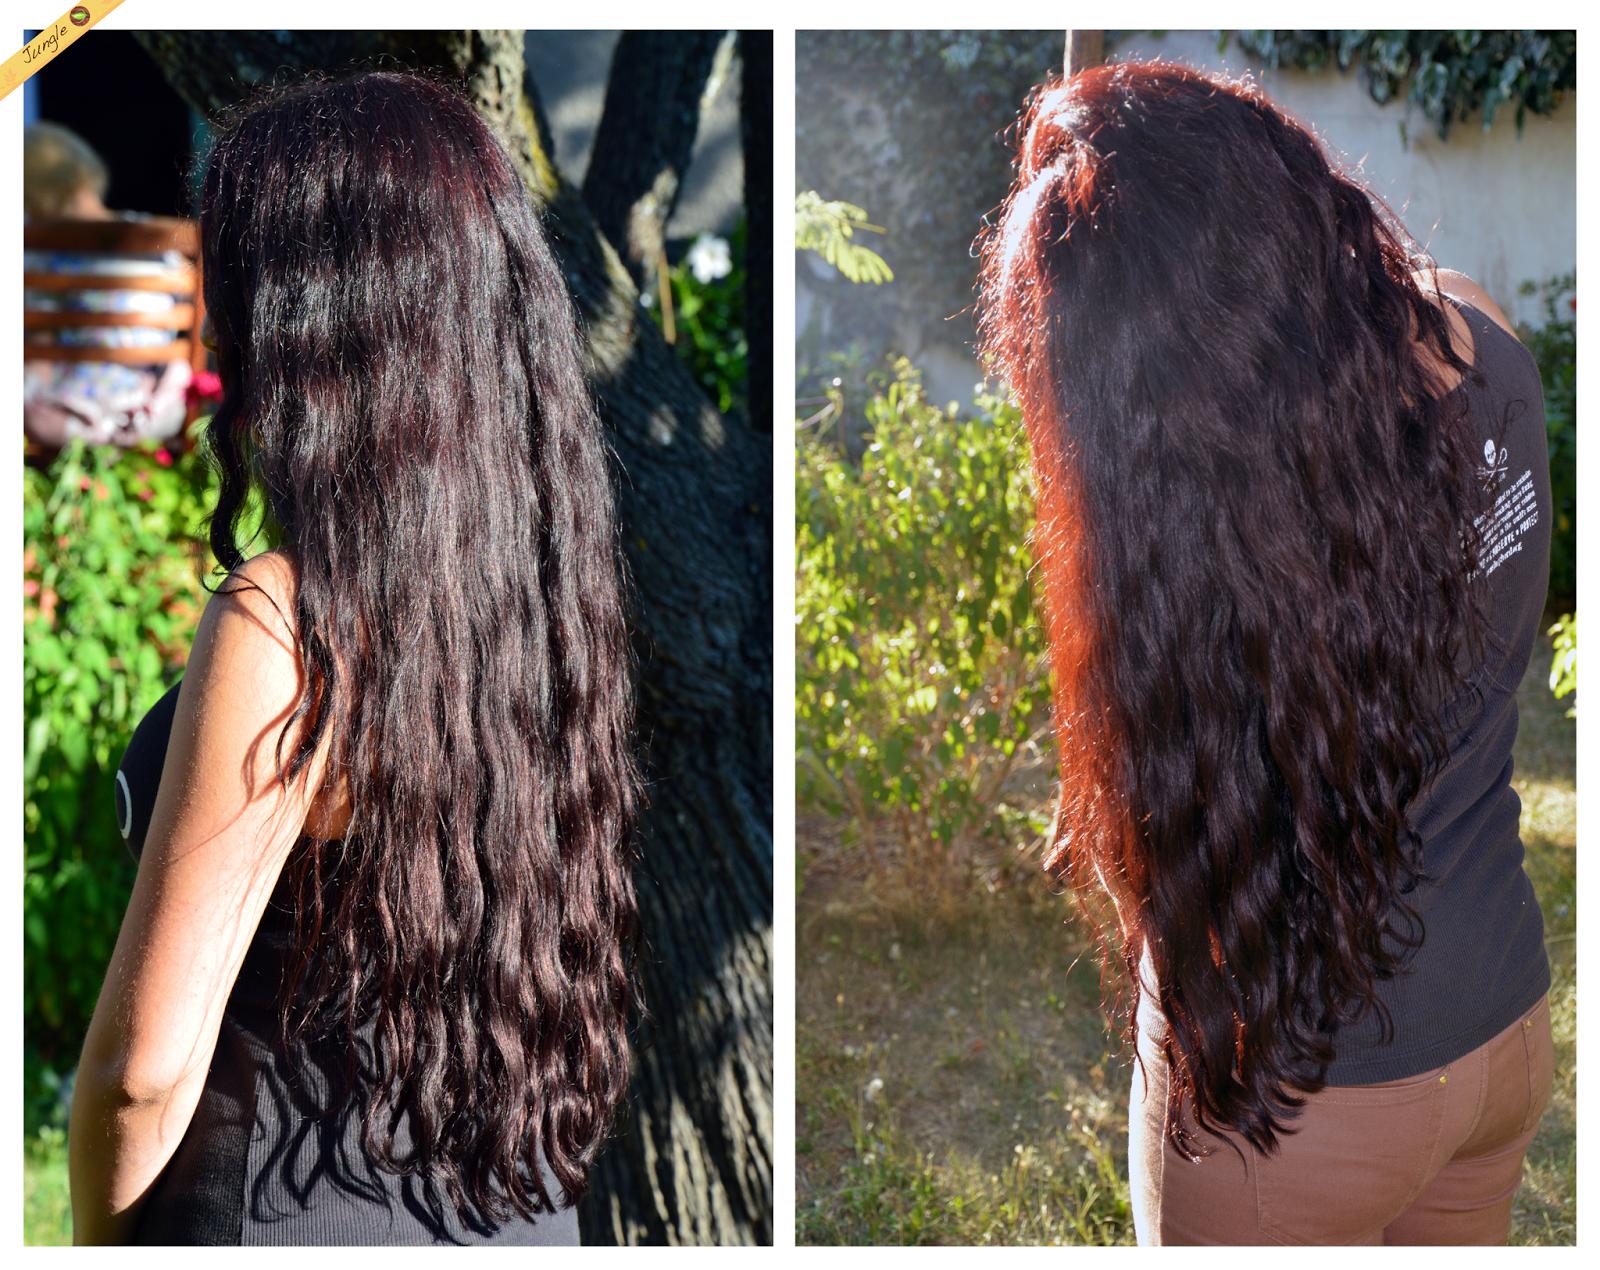 jungle 39 s hair de beaux cheveux au naturel mon henn brun grenat ou comment j 39 ai rechut dans. Black Bedroom Furniture Sets. Home Design Ideas